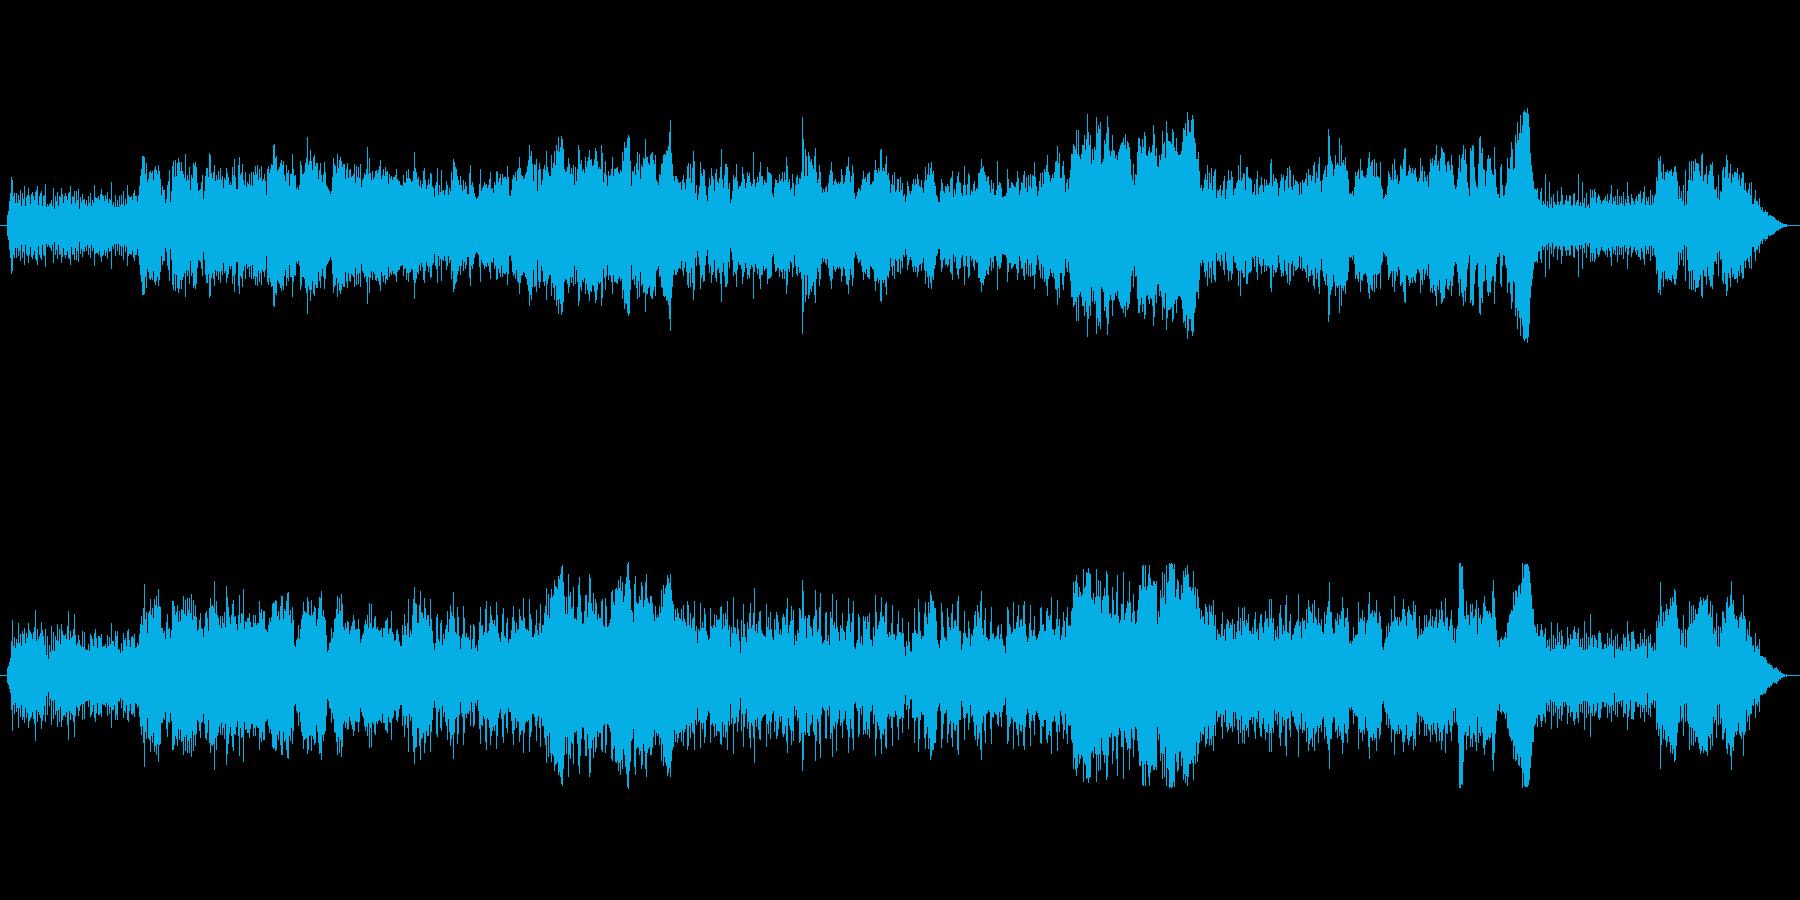 ファンタジーRPGの王道的戦闘曲です。の再生済みの波形